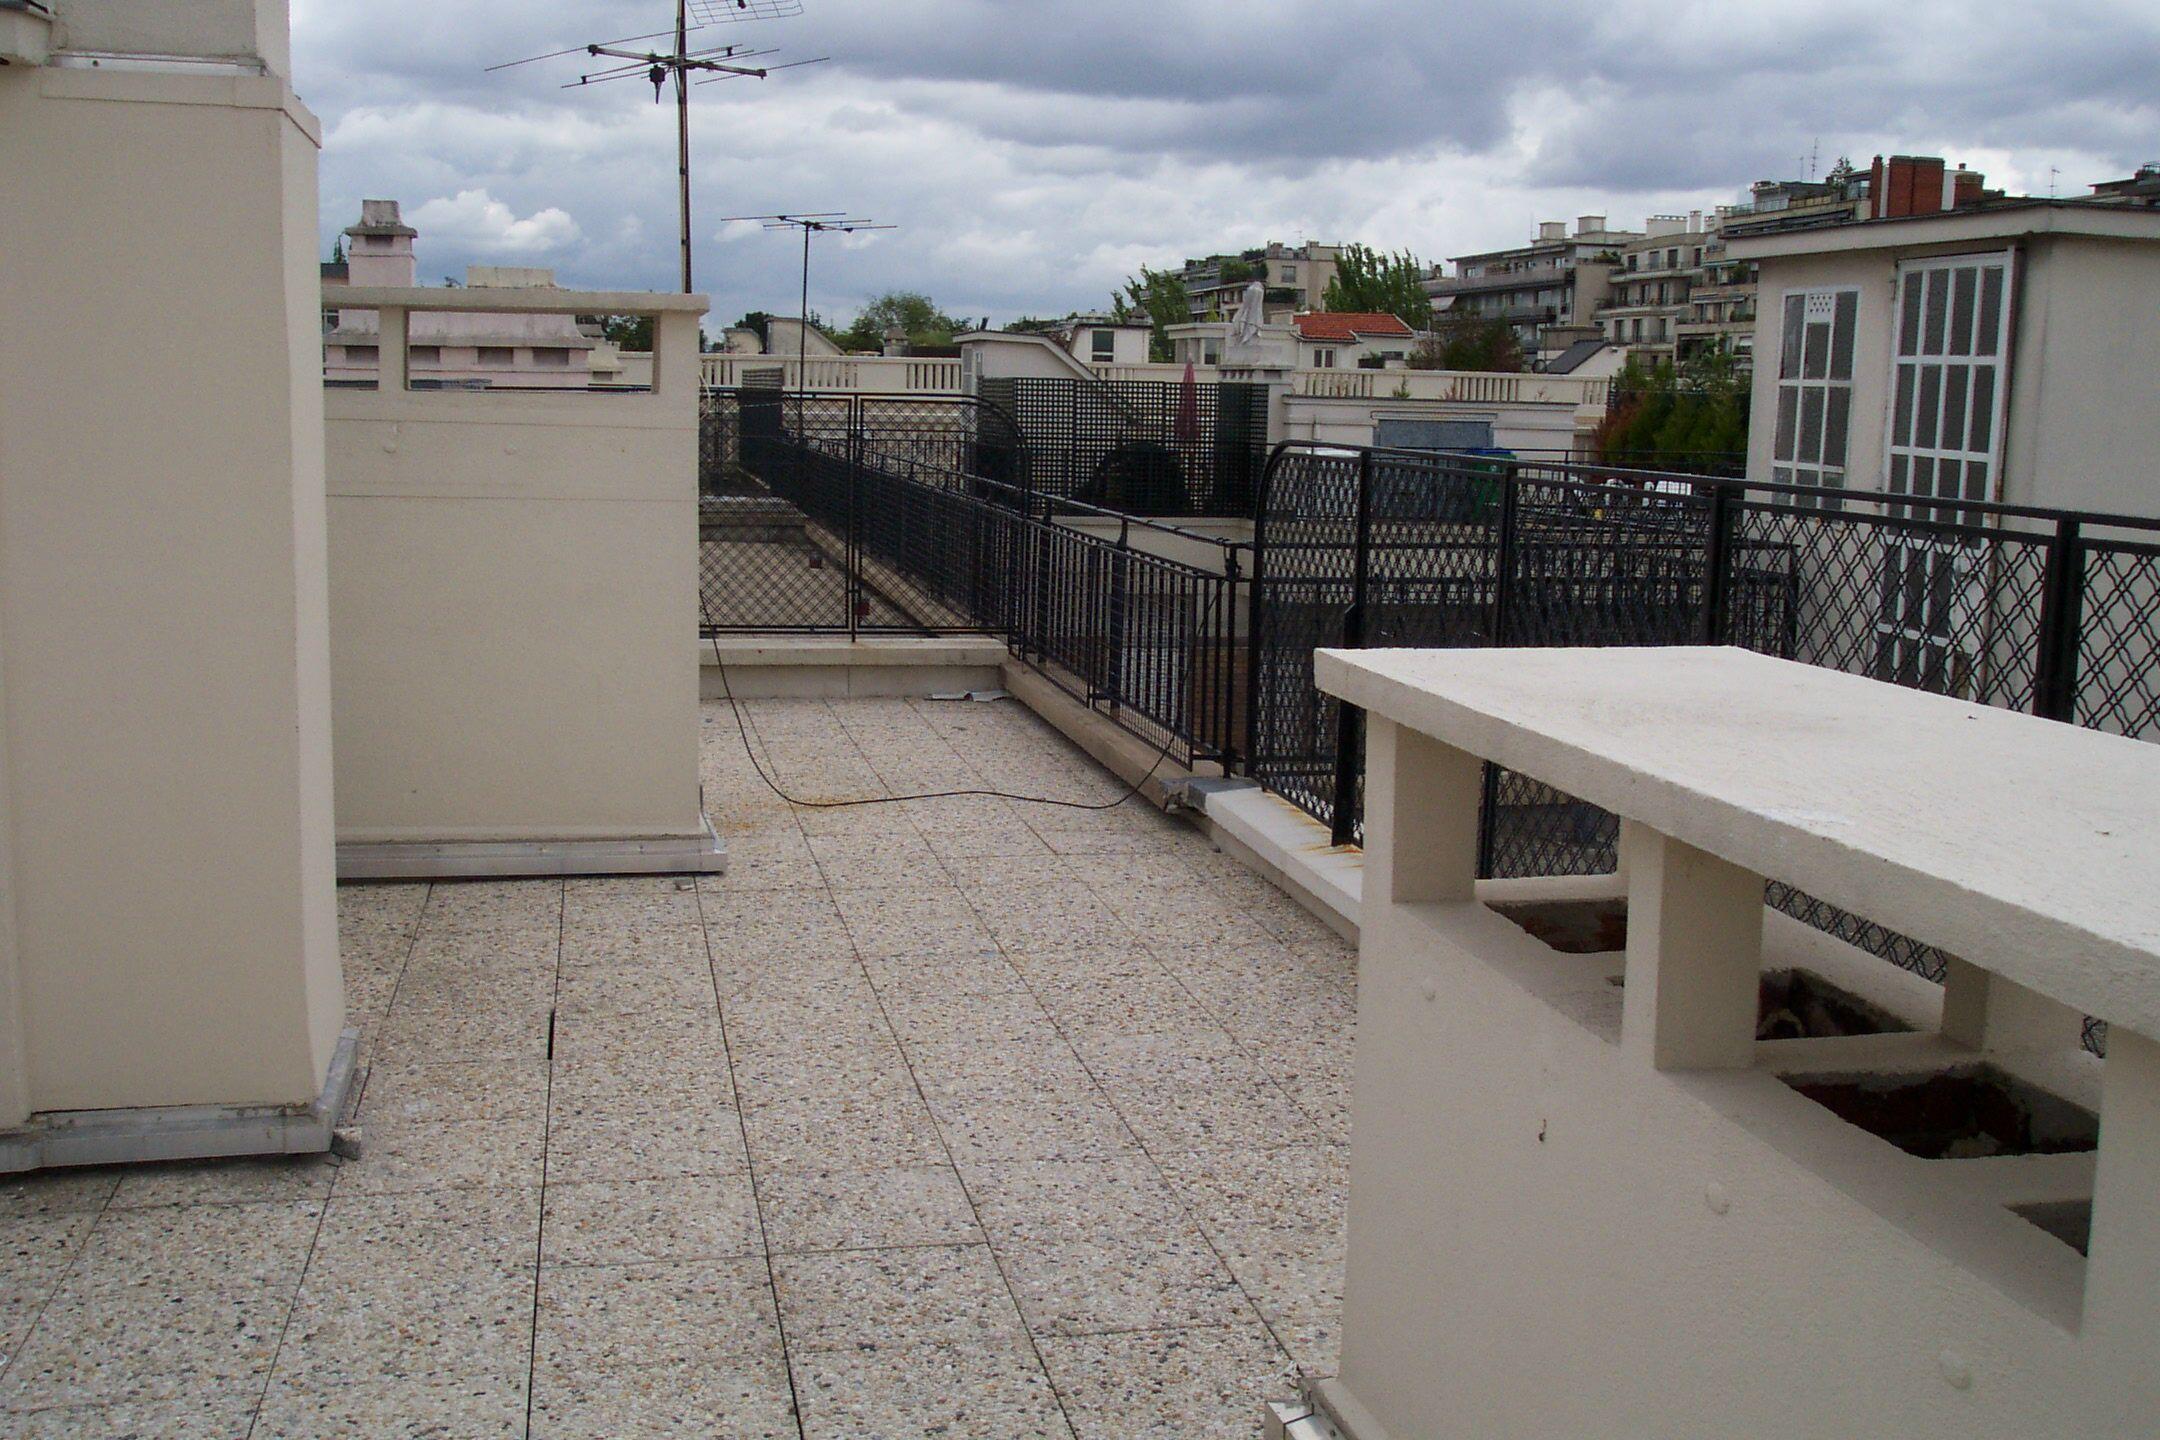 Comment Cacher Sa Terrasse une terrasse oui, mais sans vis-à-vis !